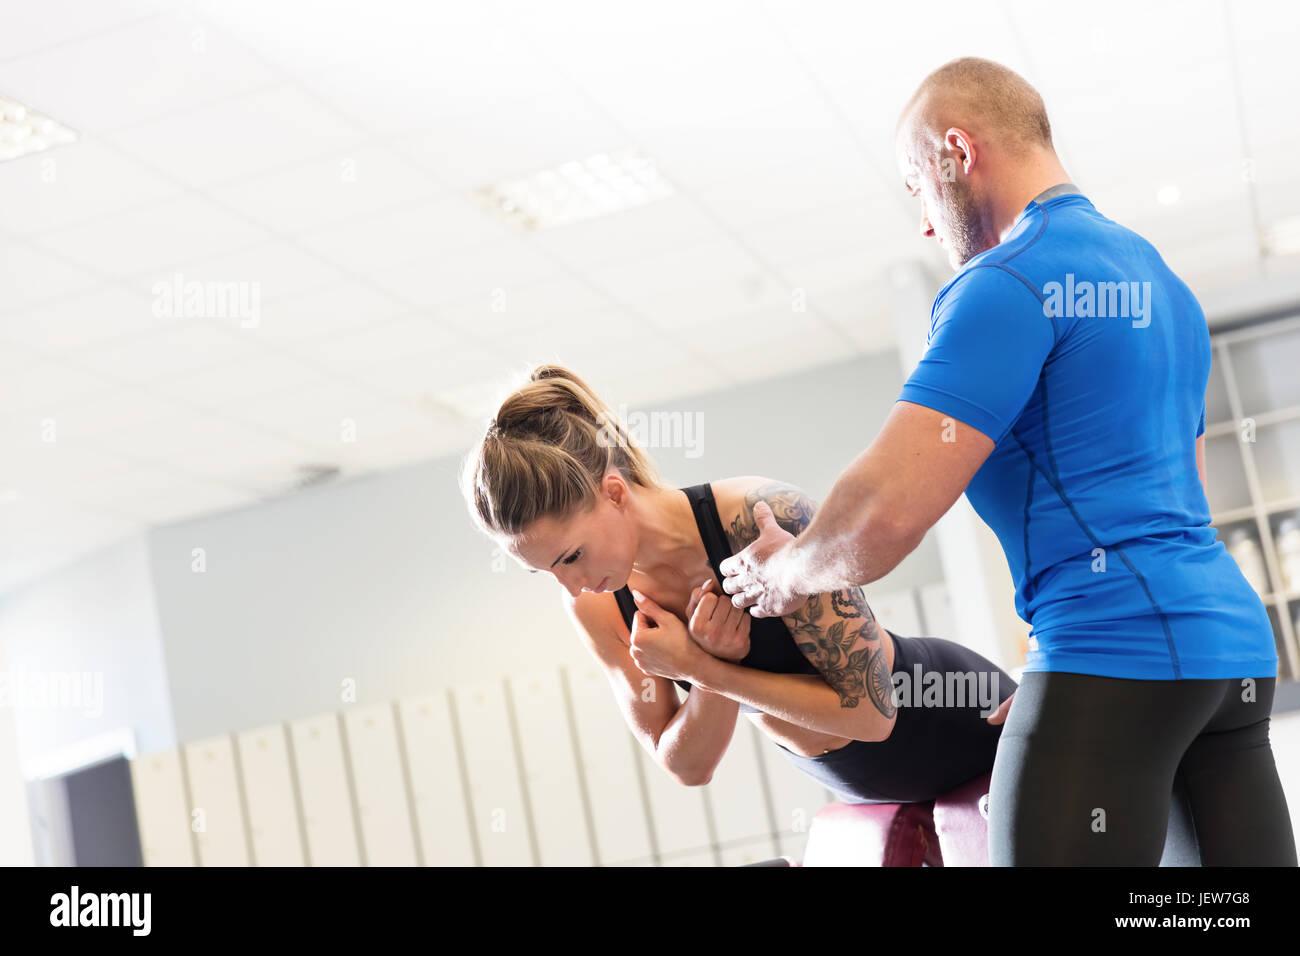 Personal trainer lavora con un client presso la palestra. Assistenza di allenamento e di motivazione. Sport concept. Foto Stock